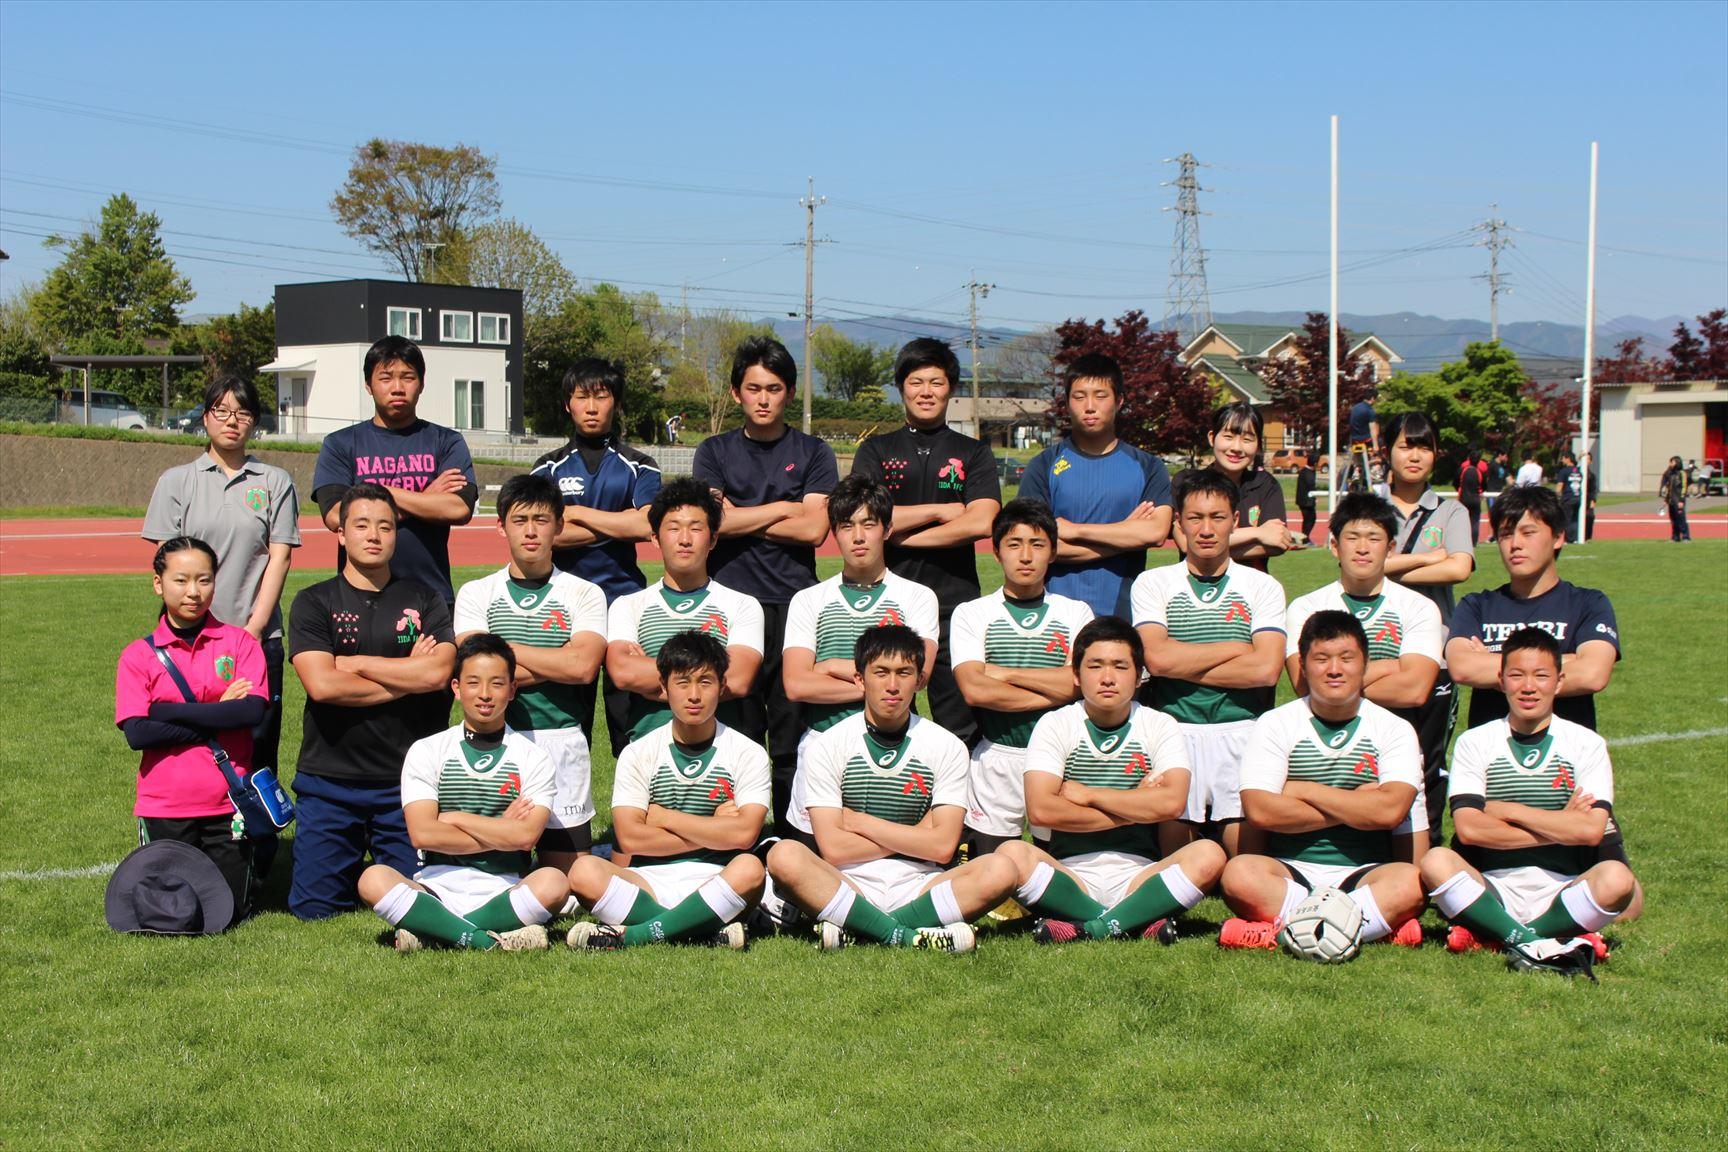 飯田 高校 ラグビー 飯田 高校 ラグビー